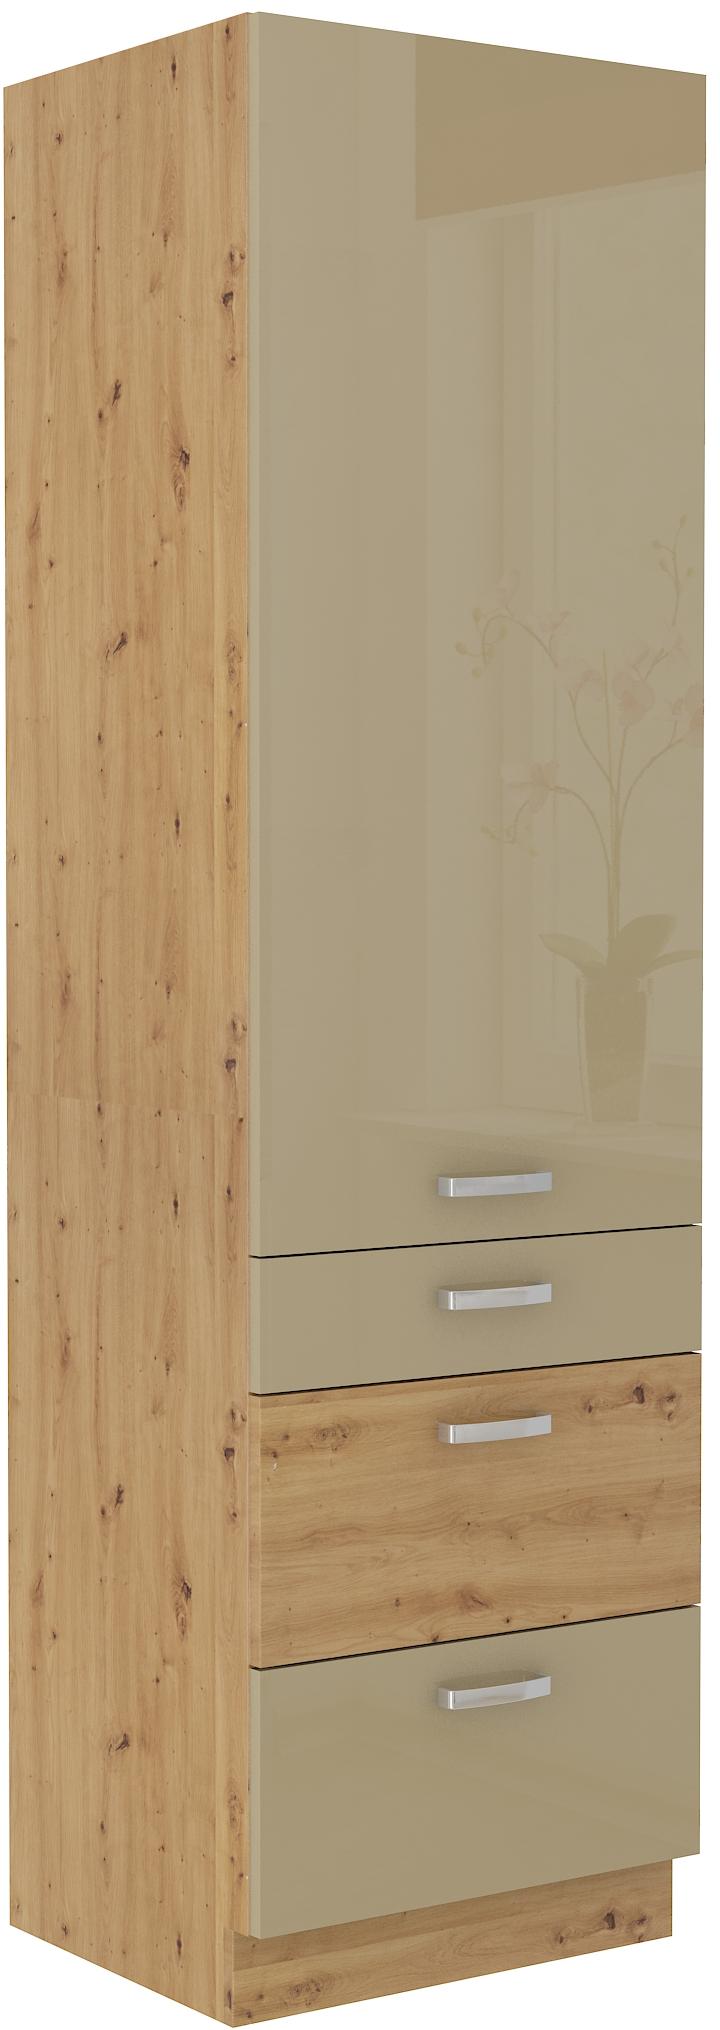 Hochschrank 60 cm / 210 cm mit Schubladen ARTISAN Cappucino HG